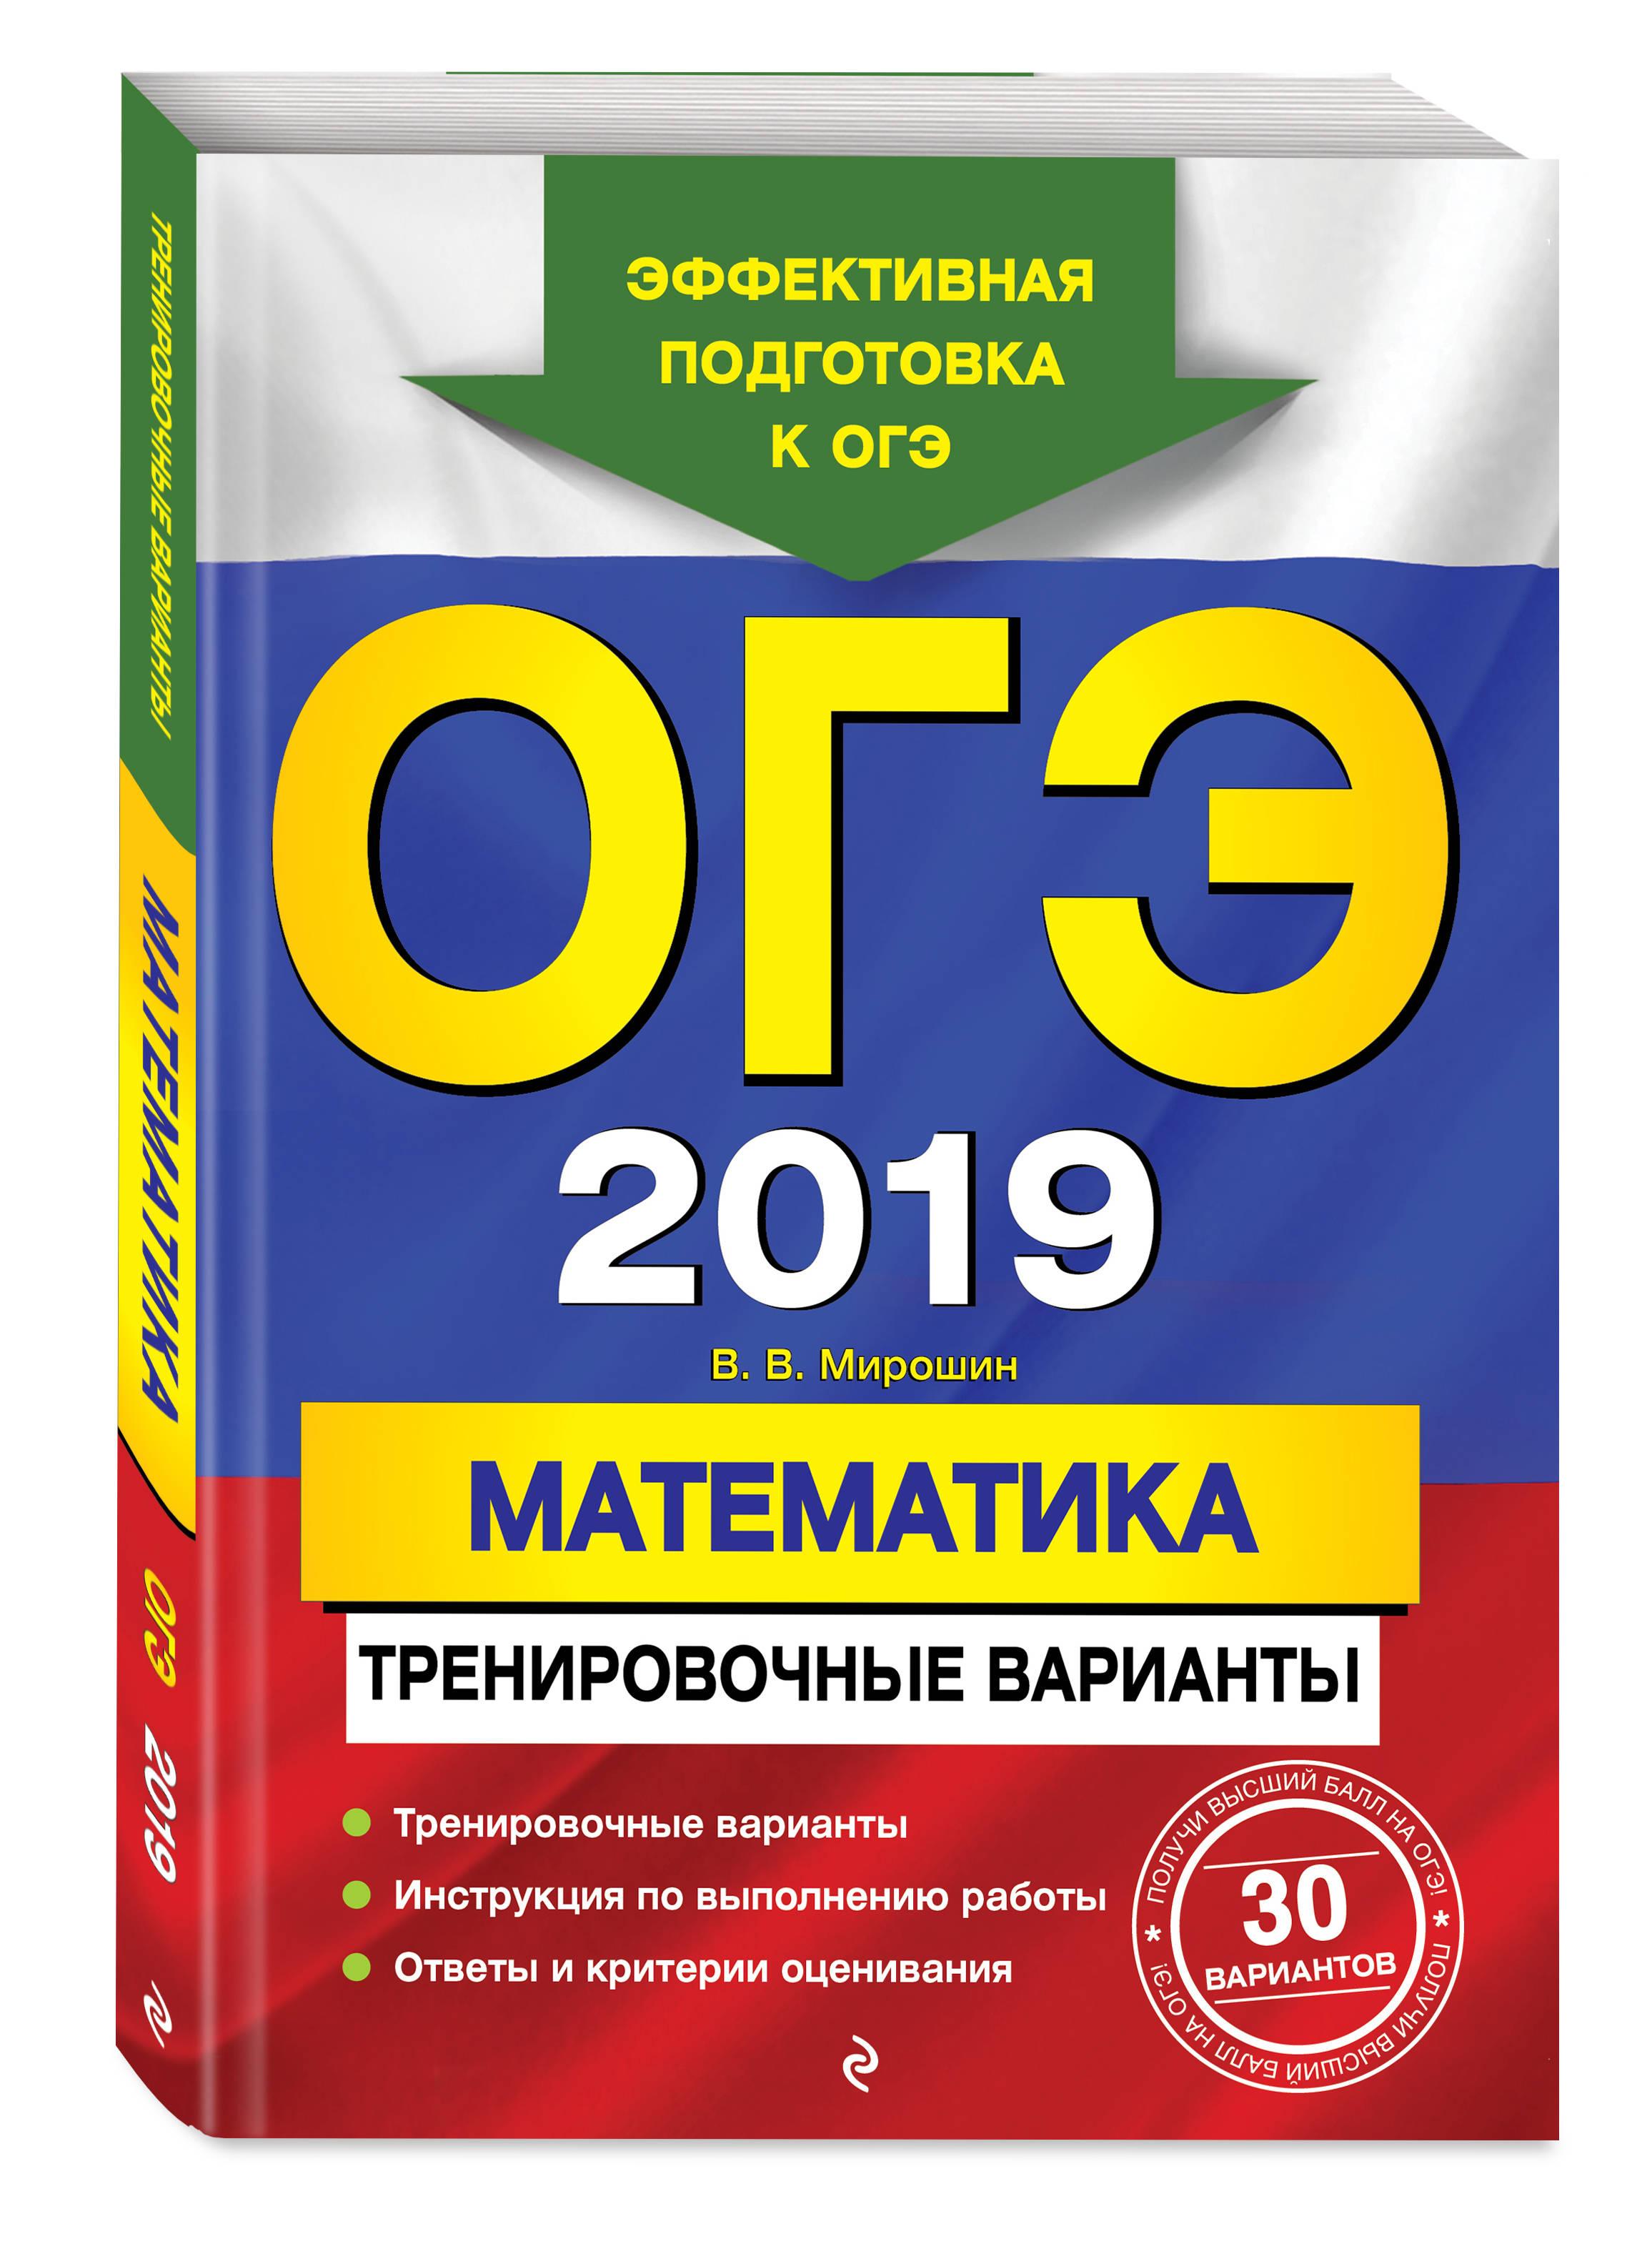 9 по класс 2019 фипи математике решебник